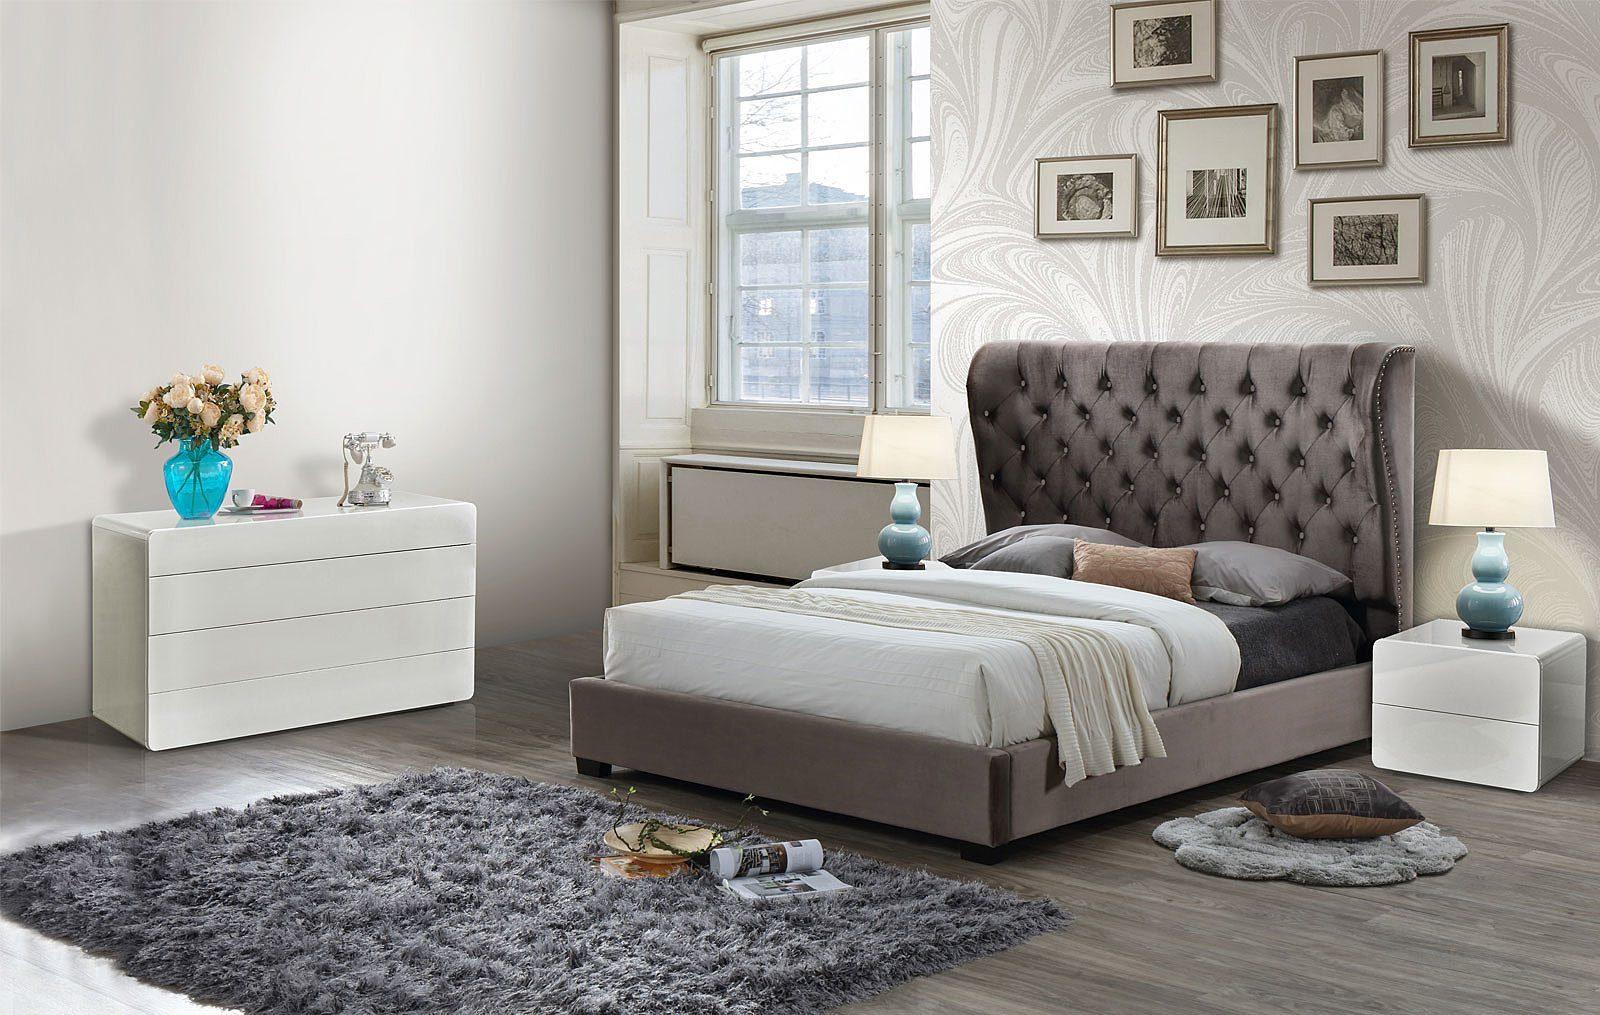 Кровать ESF INFI2971 темно-коричневая, Тумба прикроватная ESF NS103 белая и Комод ESF B103-DR белый